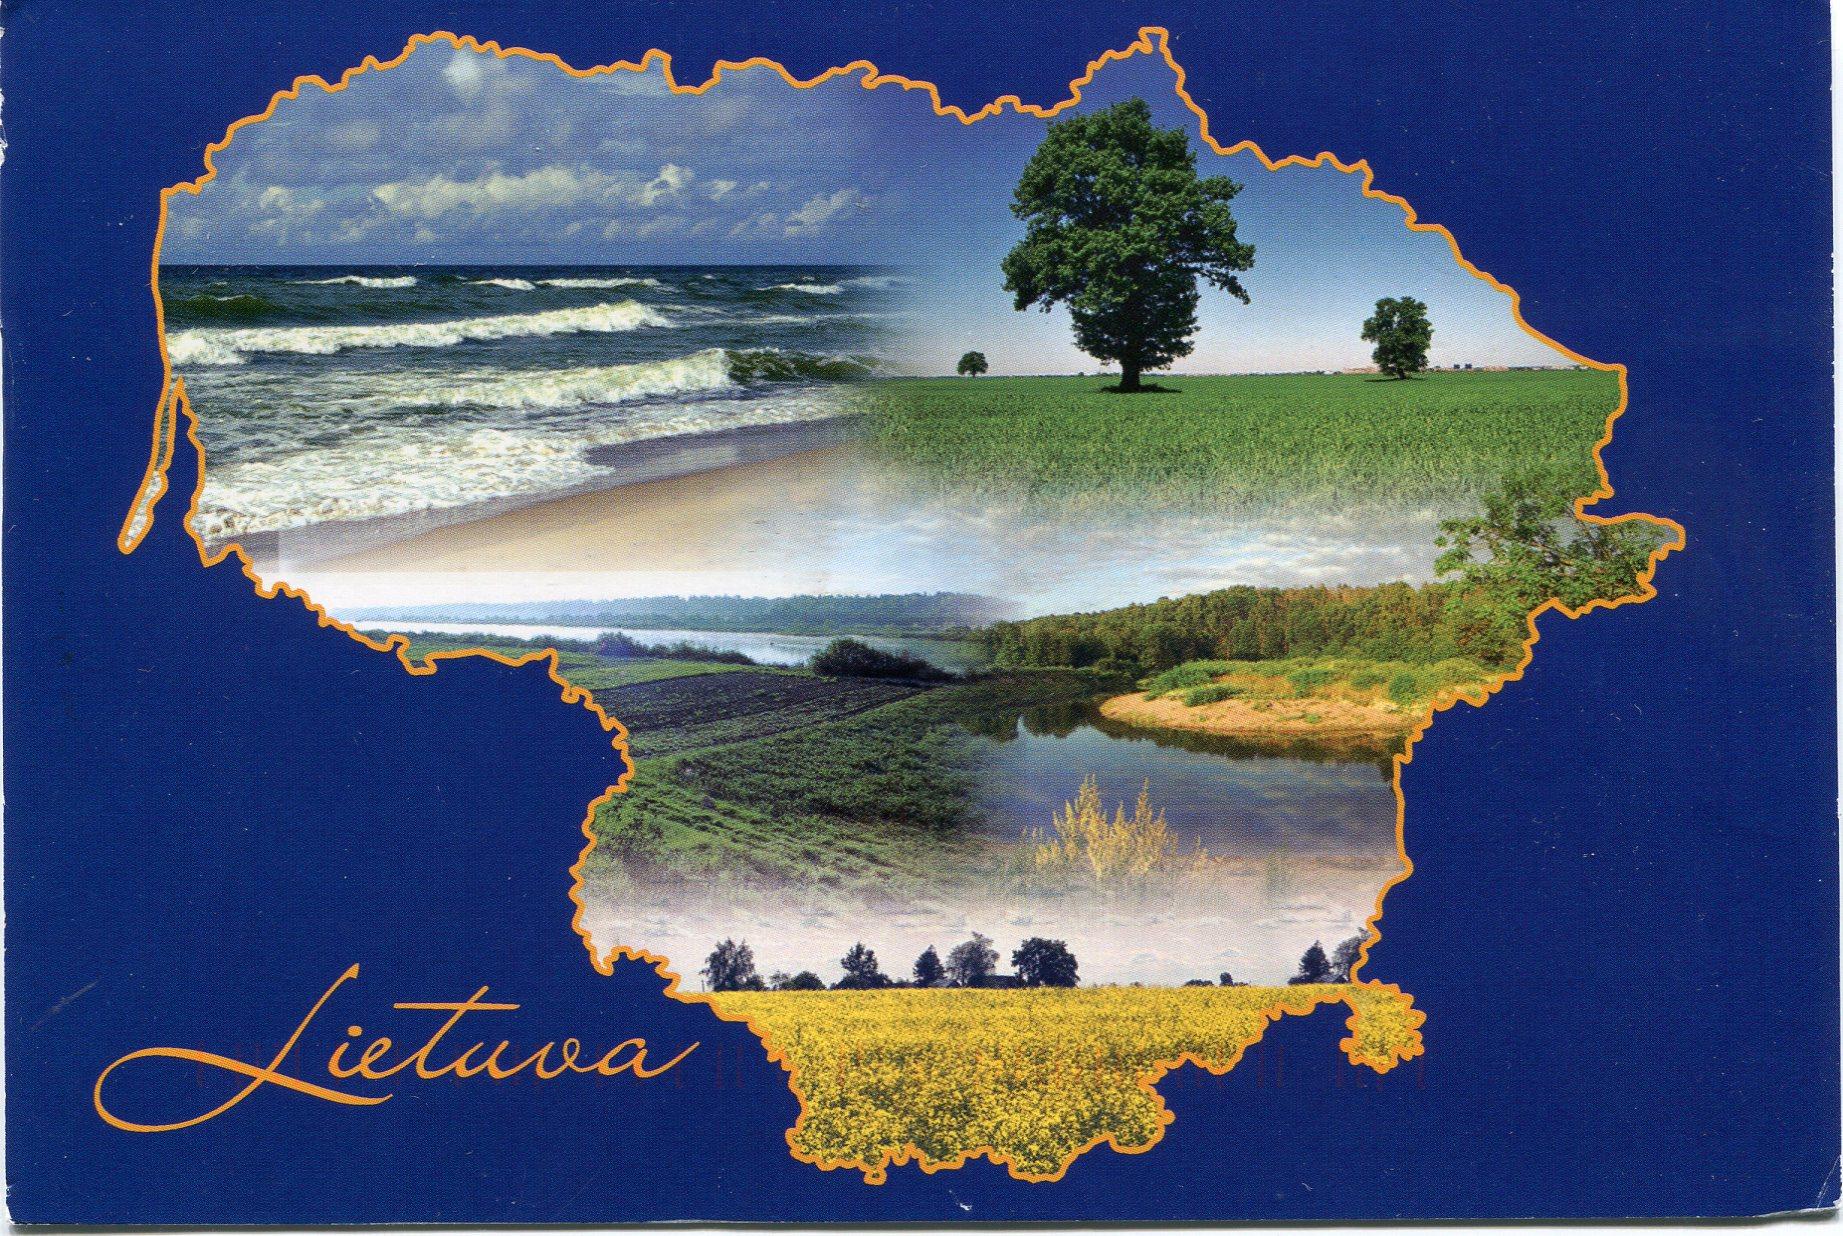 Pošalji mi razglednicu, neću SMS, po azbuci - Page 3 Lithuania-map